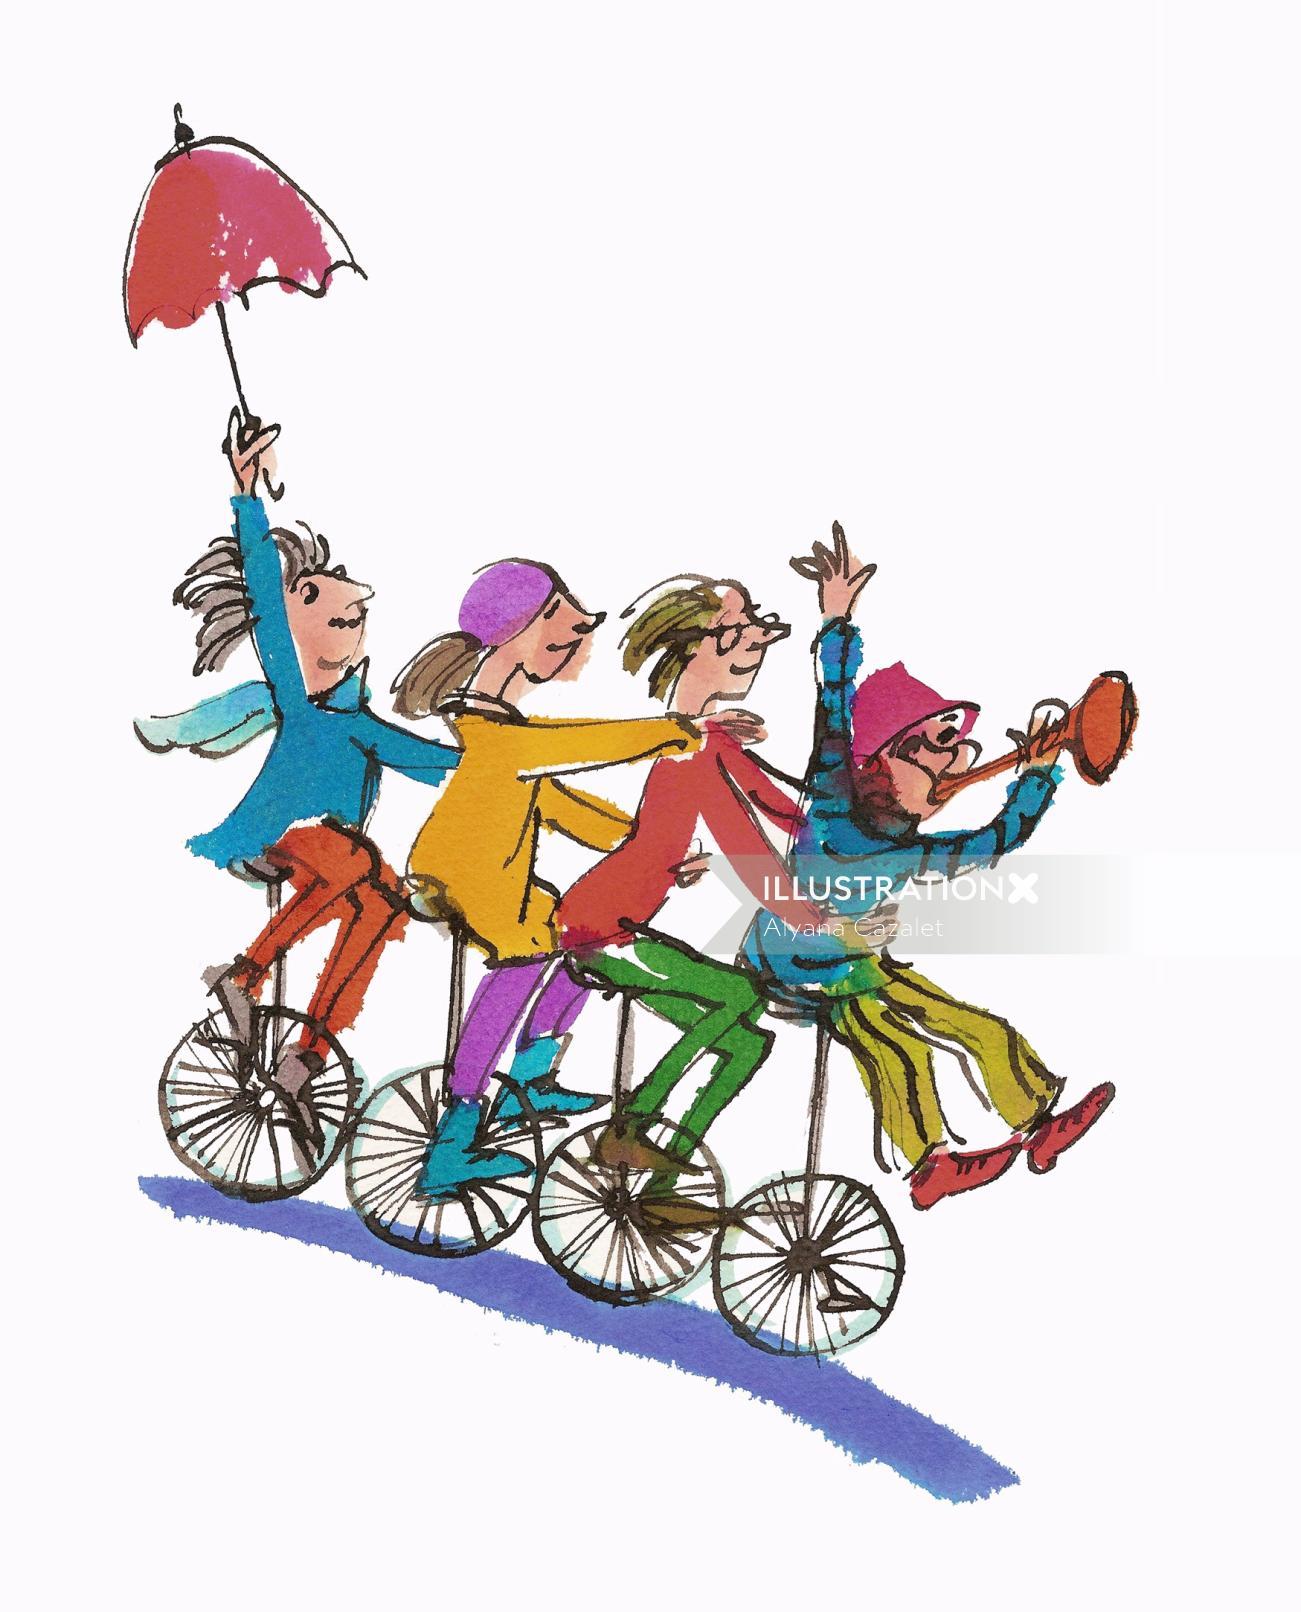 Teens having fun on bicycle